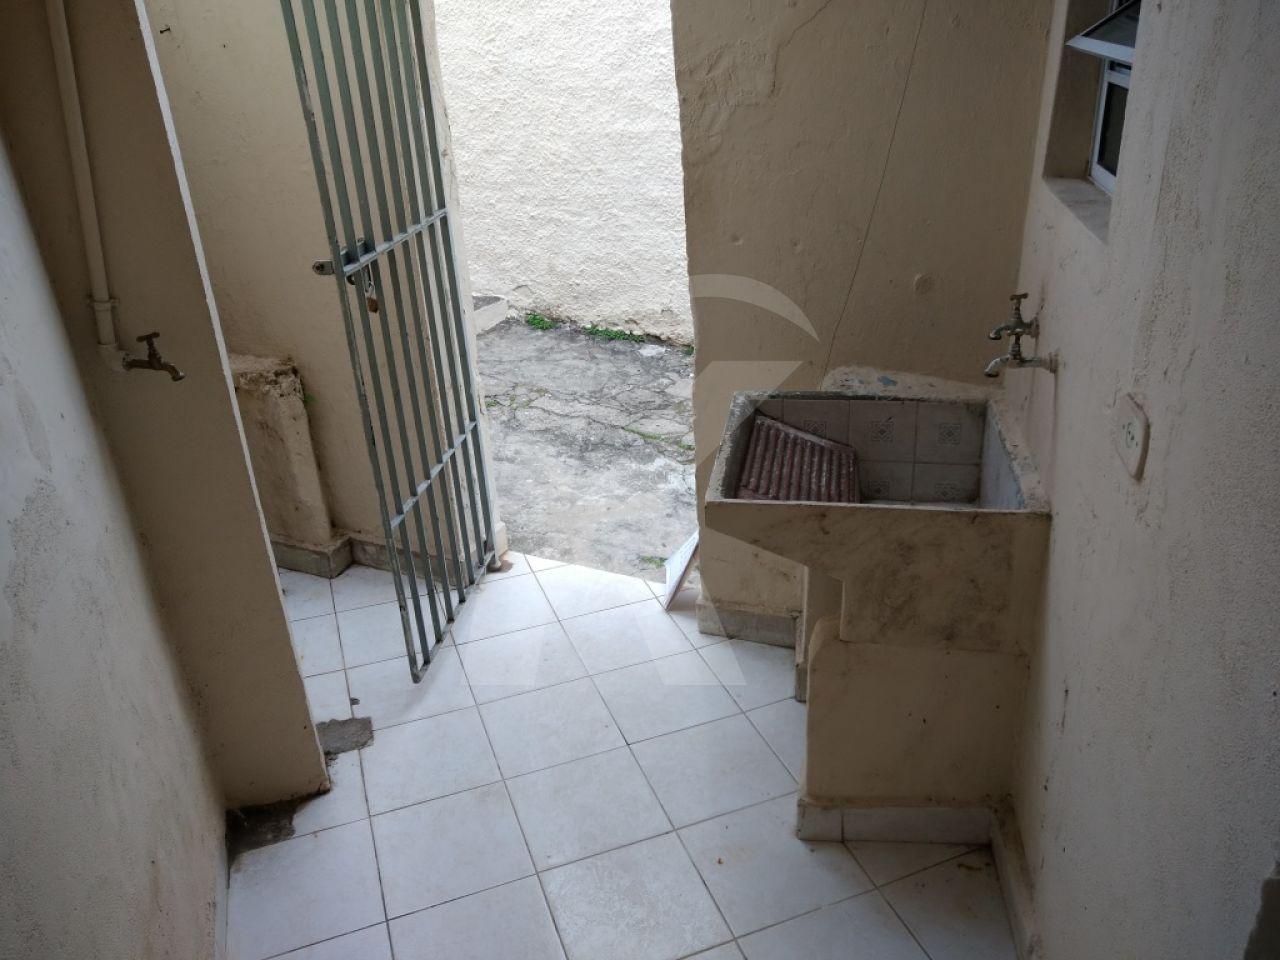 Casa  Vila Medeiros - 1 Dormitório(s) - São Paulo - SP - REF. KA5669